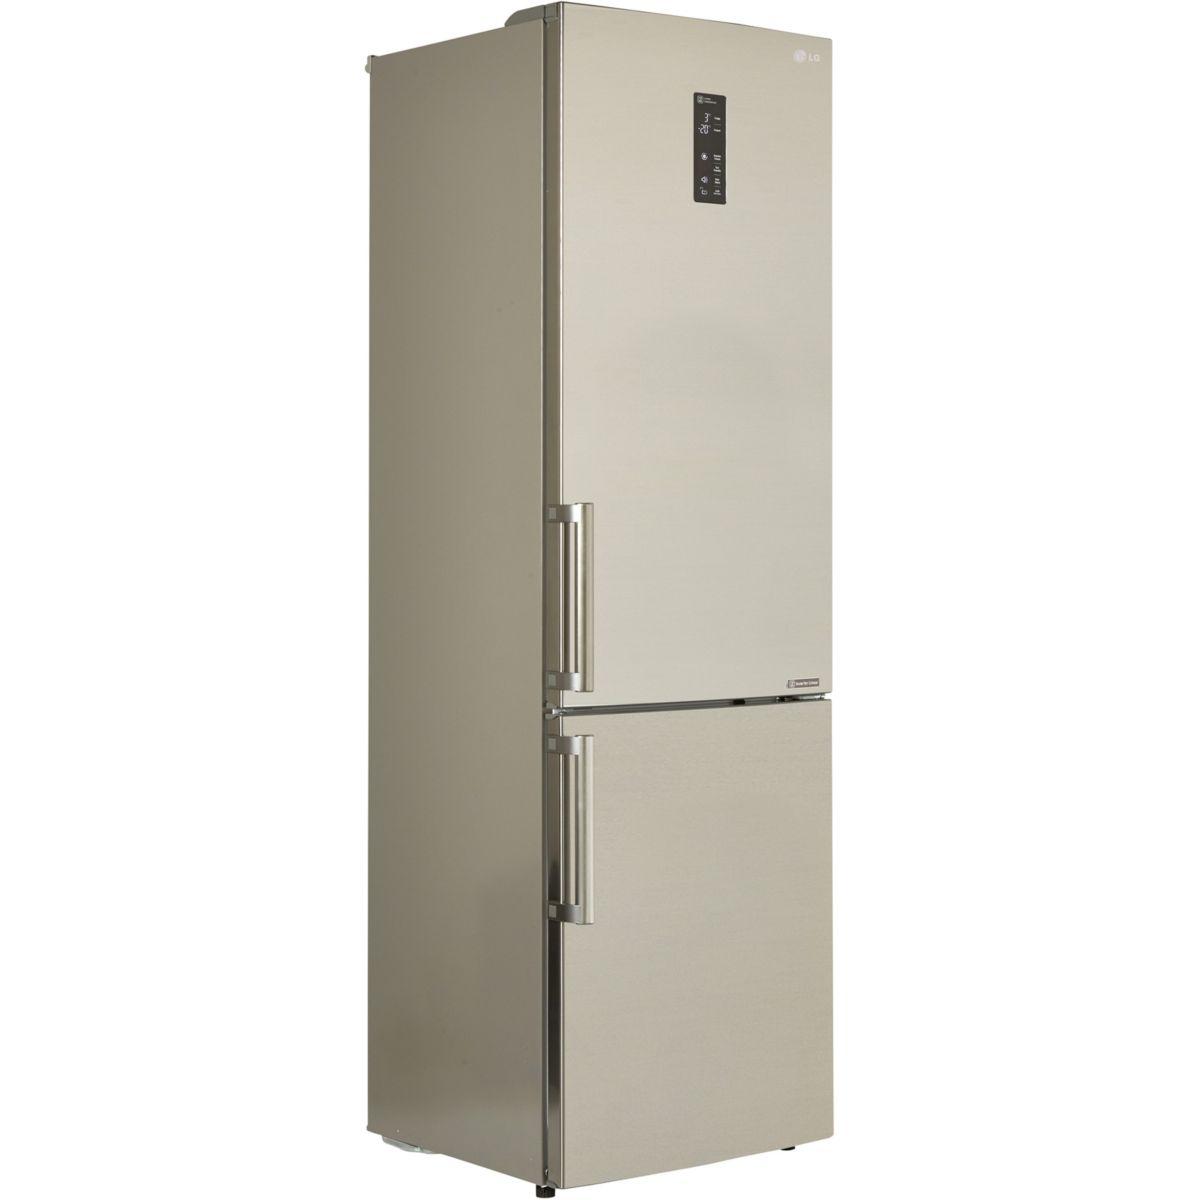 Réfrigérateur congélateur en bas LG EX GBD6356BPS